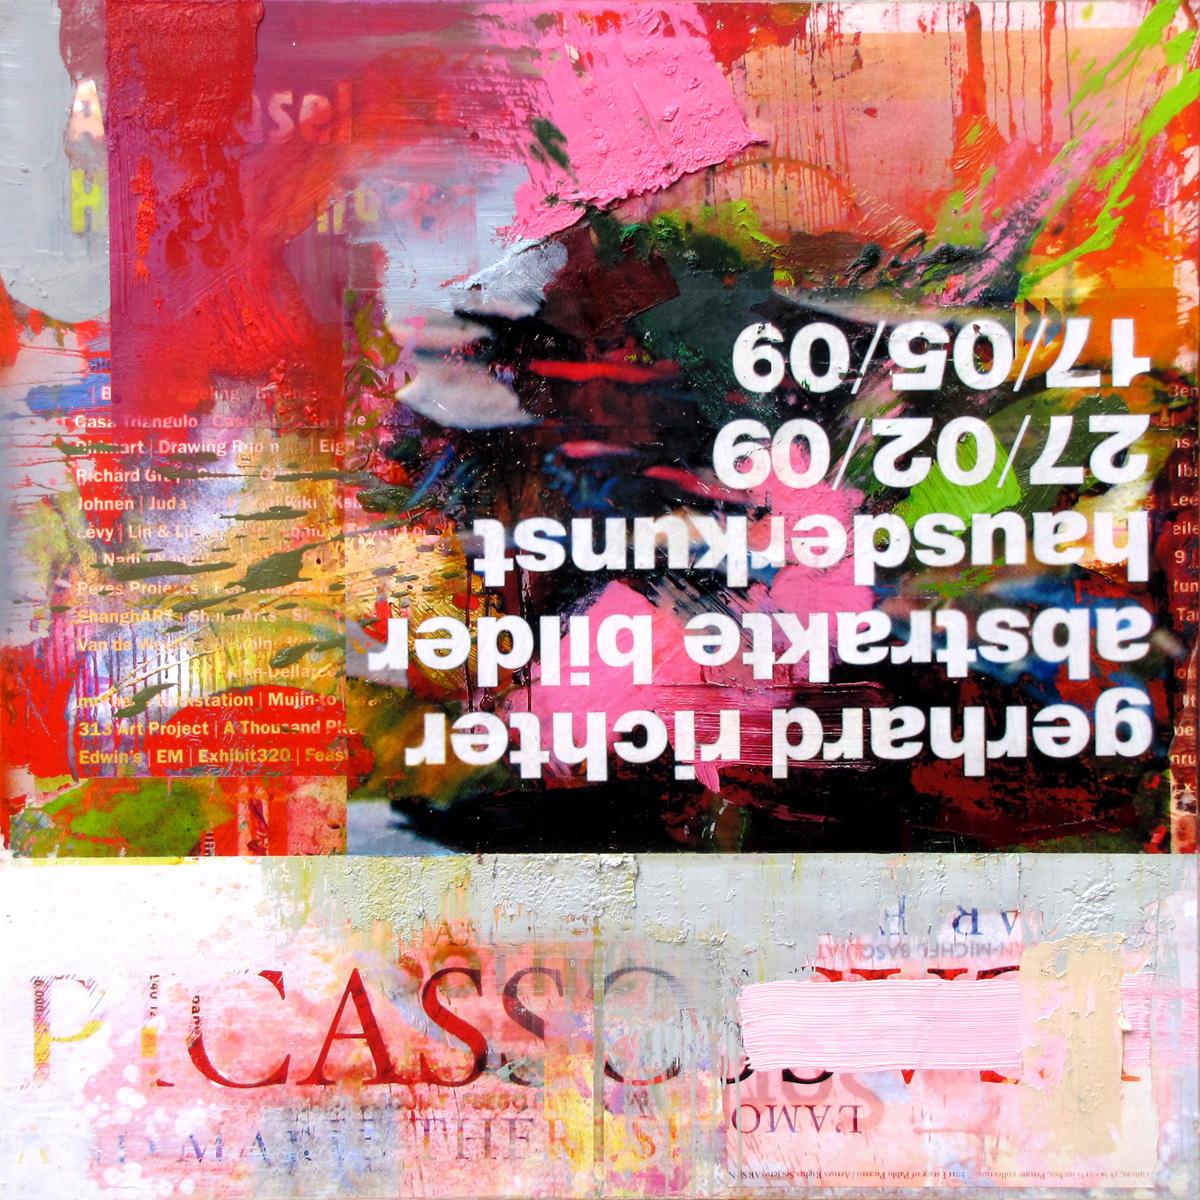 Richter |Advertisement Artforum